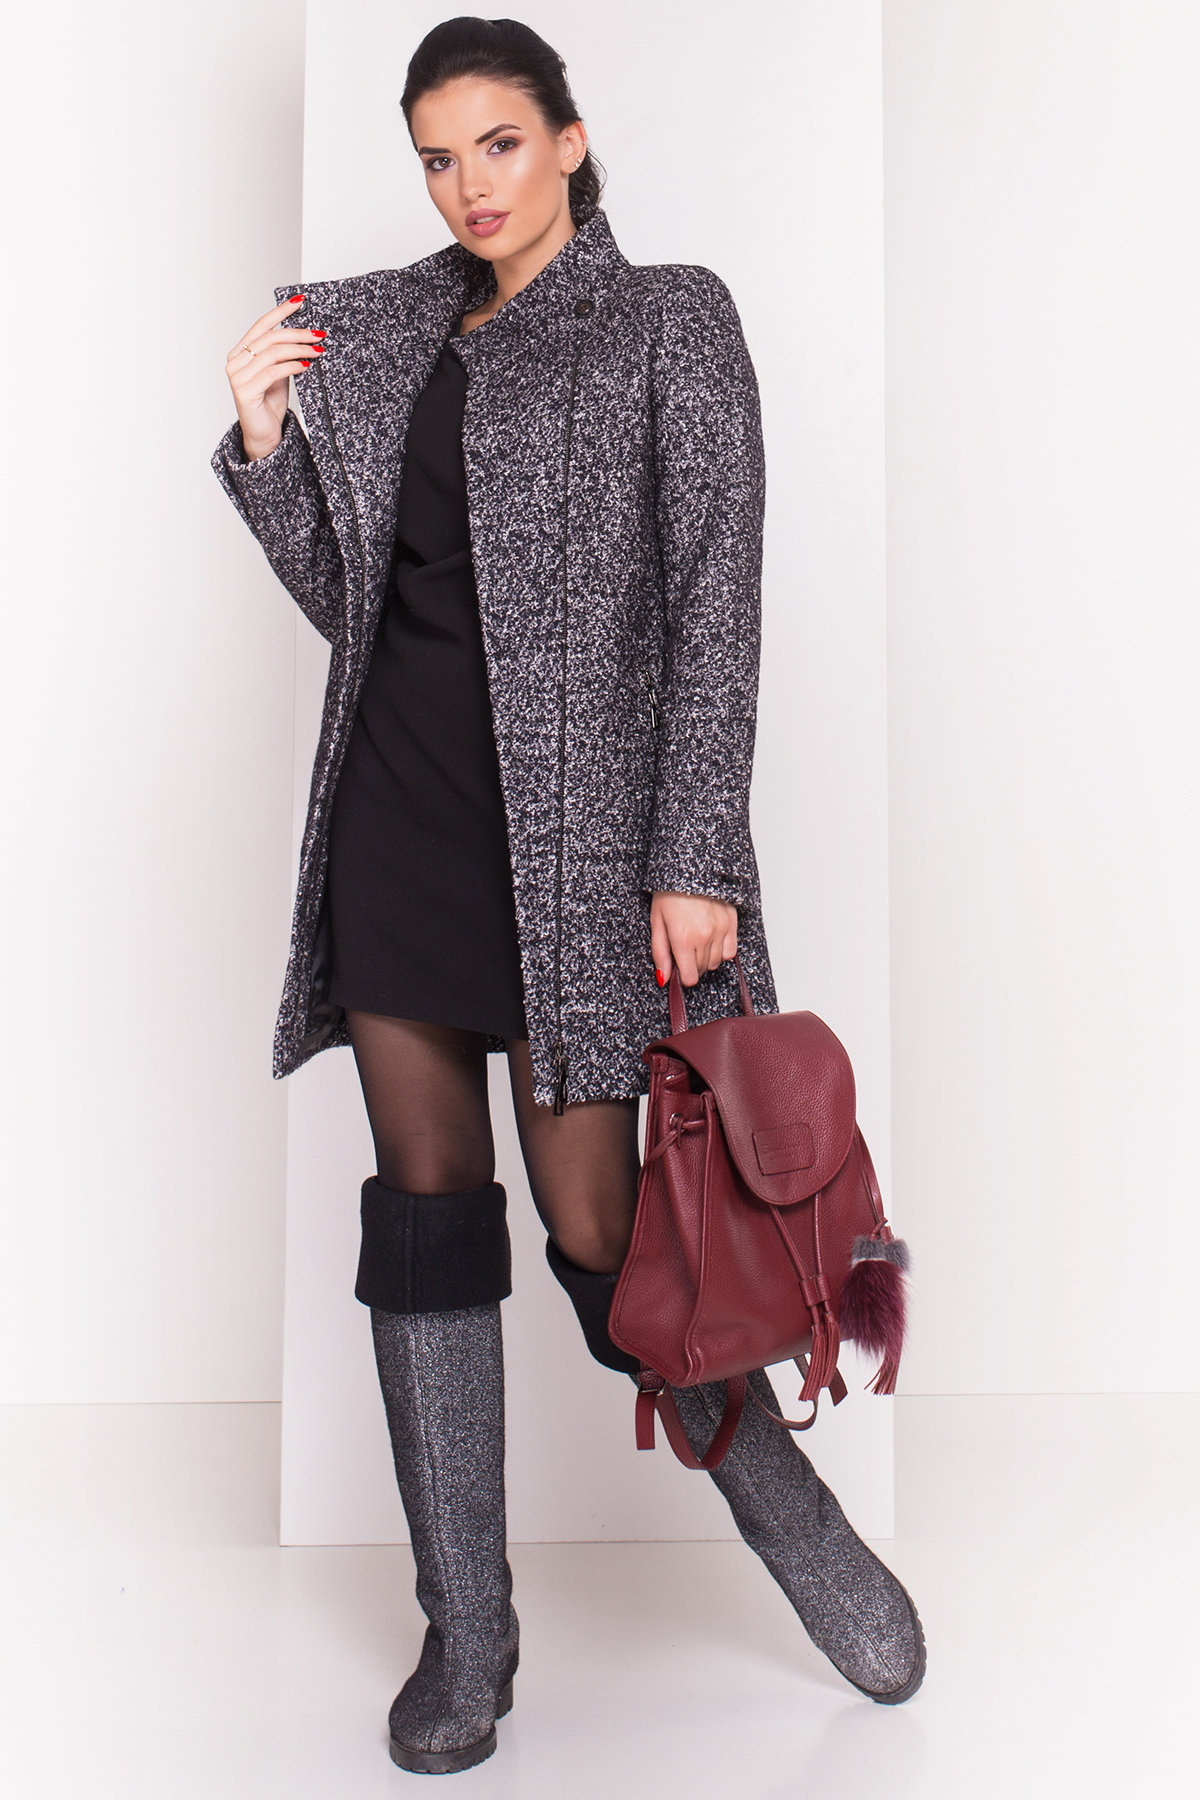 Пальто зима Эльпассо 3681 АРТ. 19191 Цвет: Черный/серый - фото 1, интернет магазин tm-modus.ru